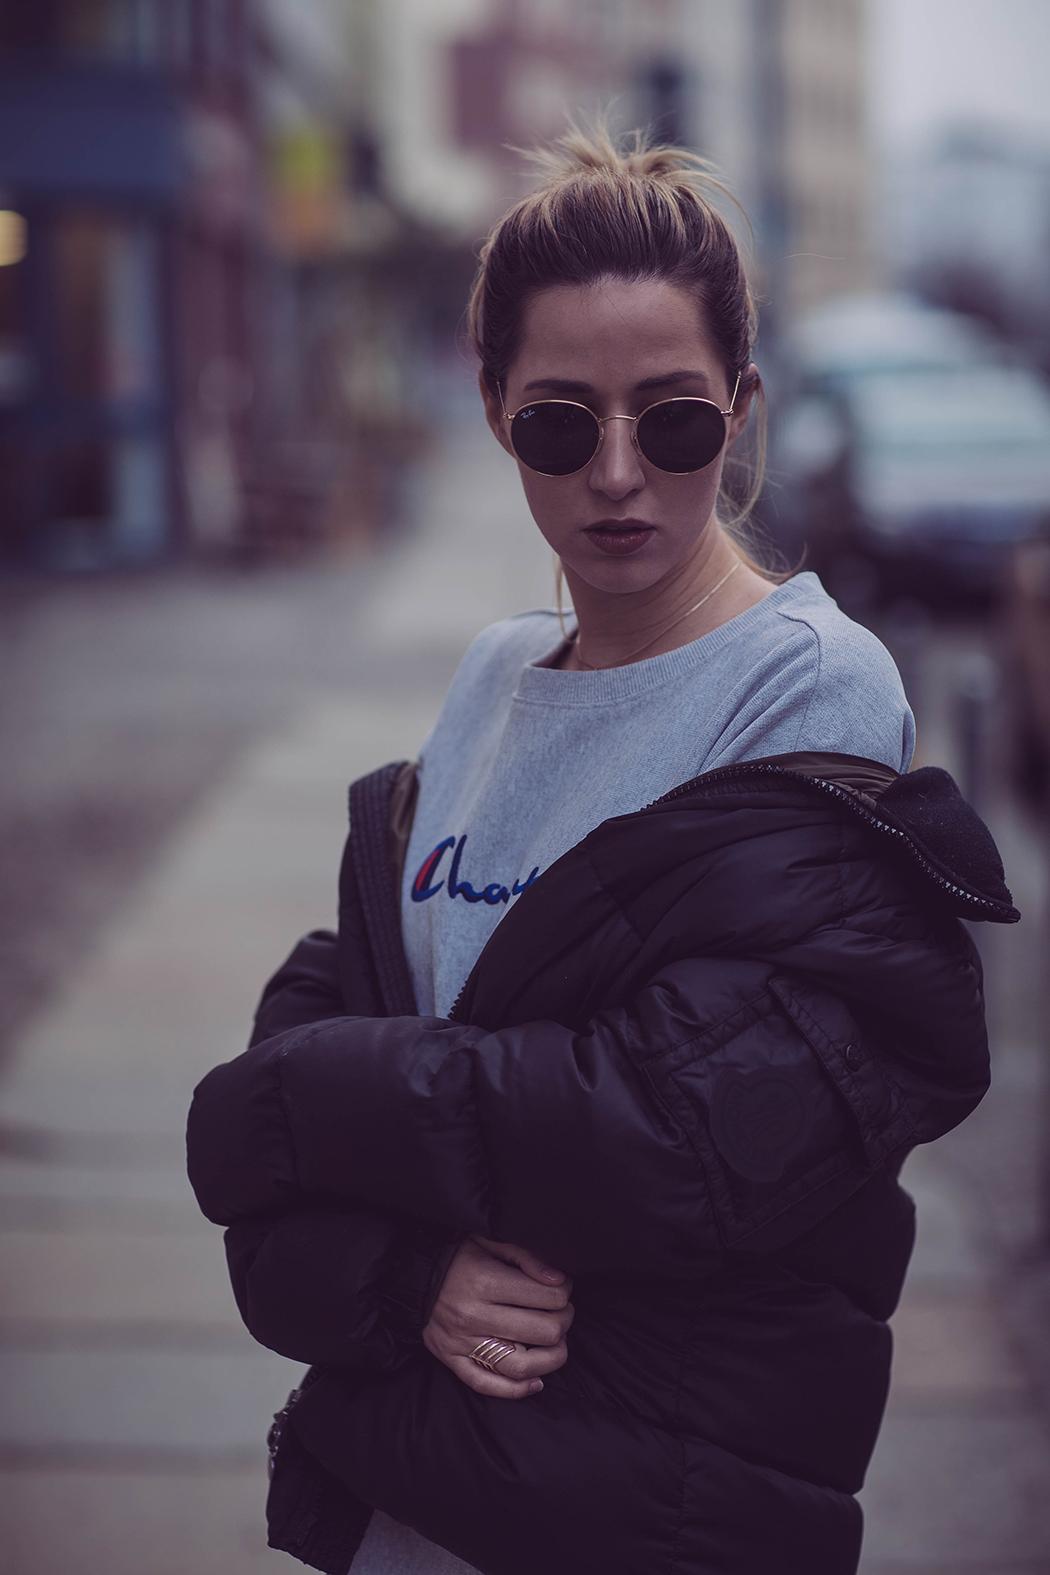 Fashionblog-Fashionblogger-Fashion-Blog-Blogger-Muenchen-Deutschland-Streetstyle-Mode-Fashion-Week-Berlin-2017-Lindarella20170120_01